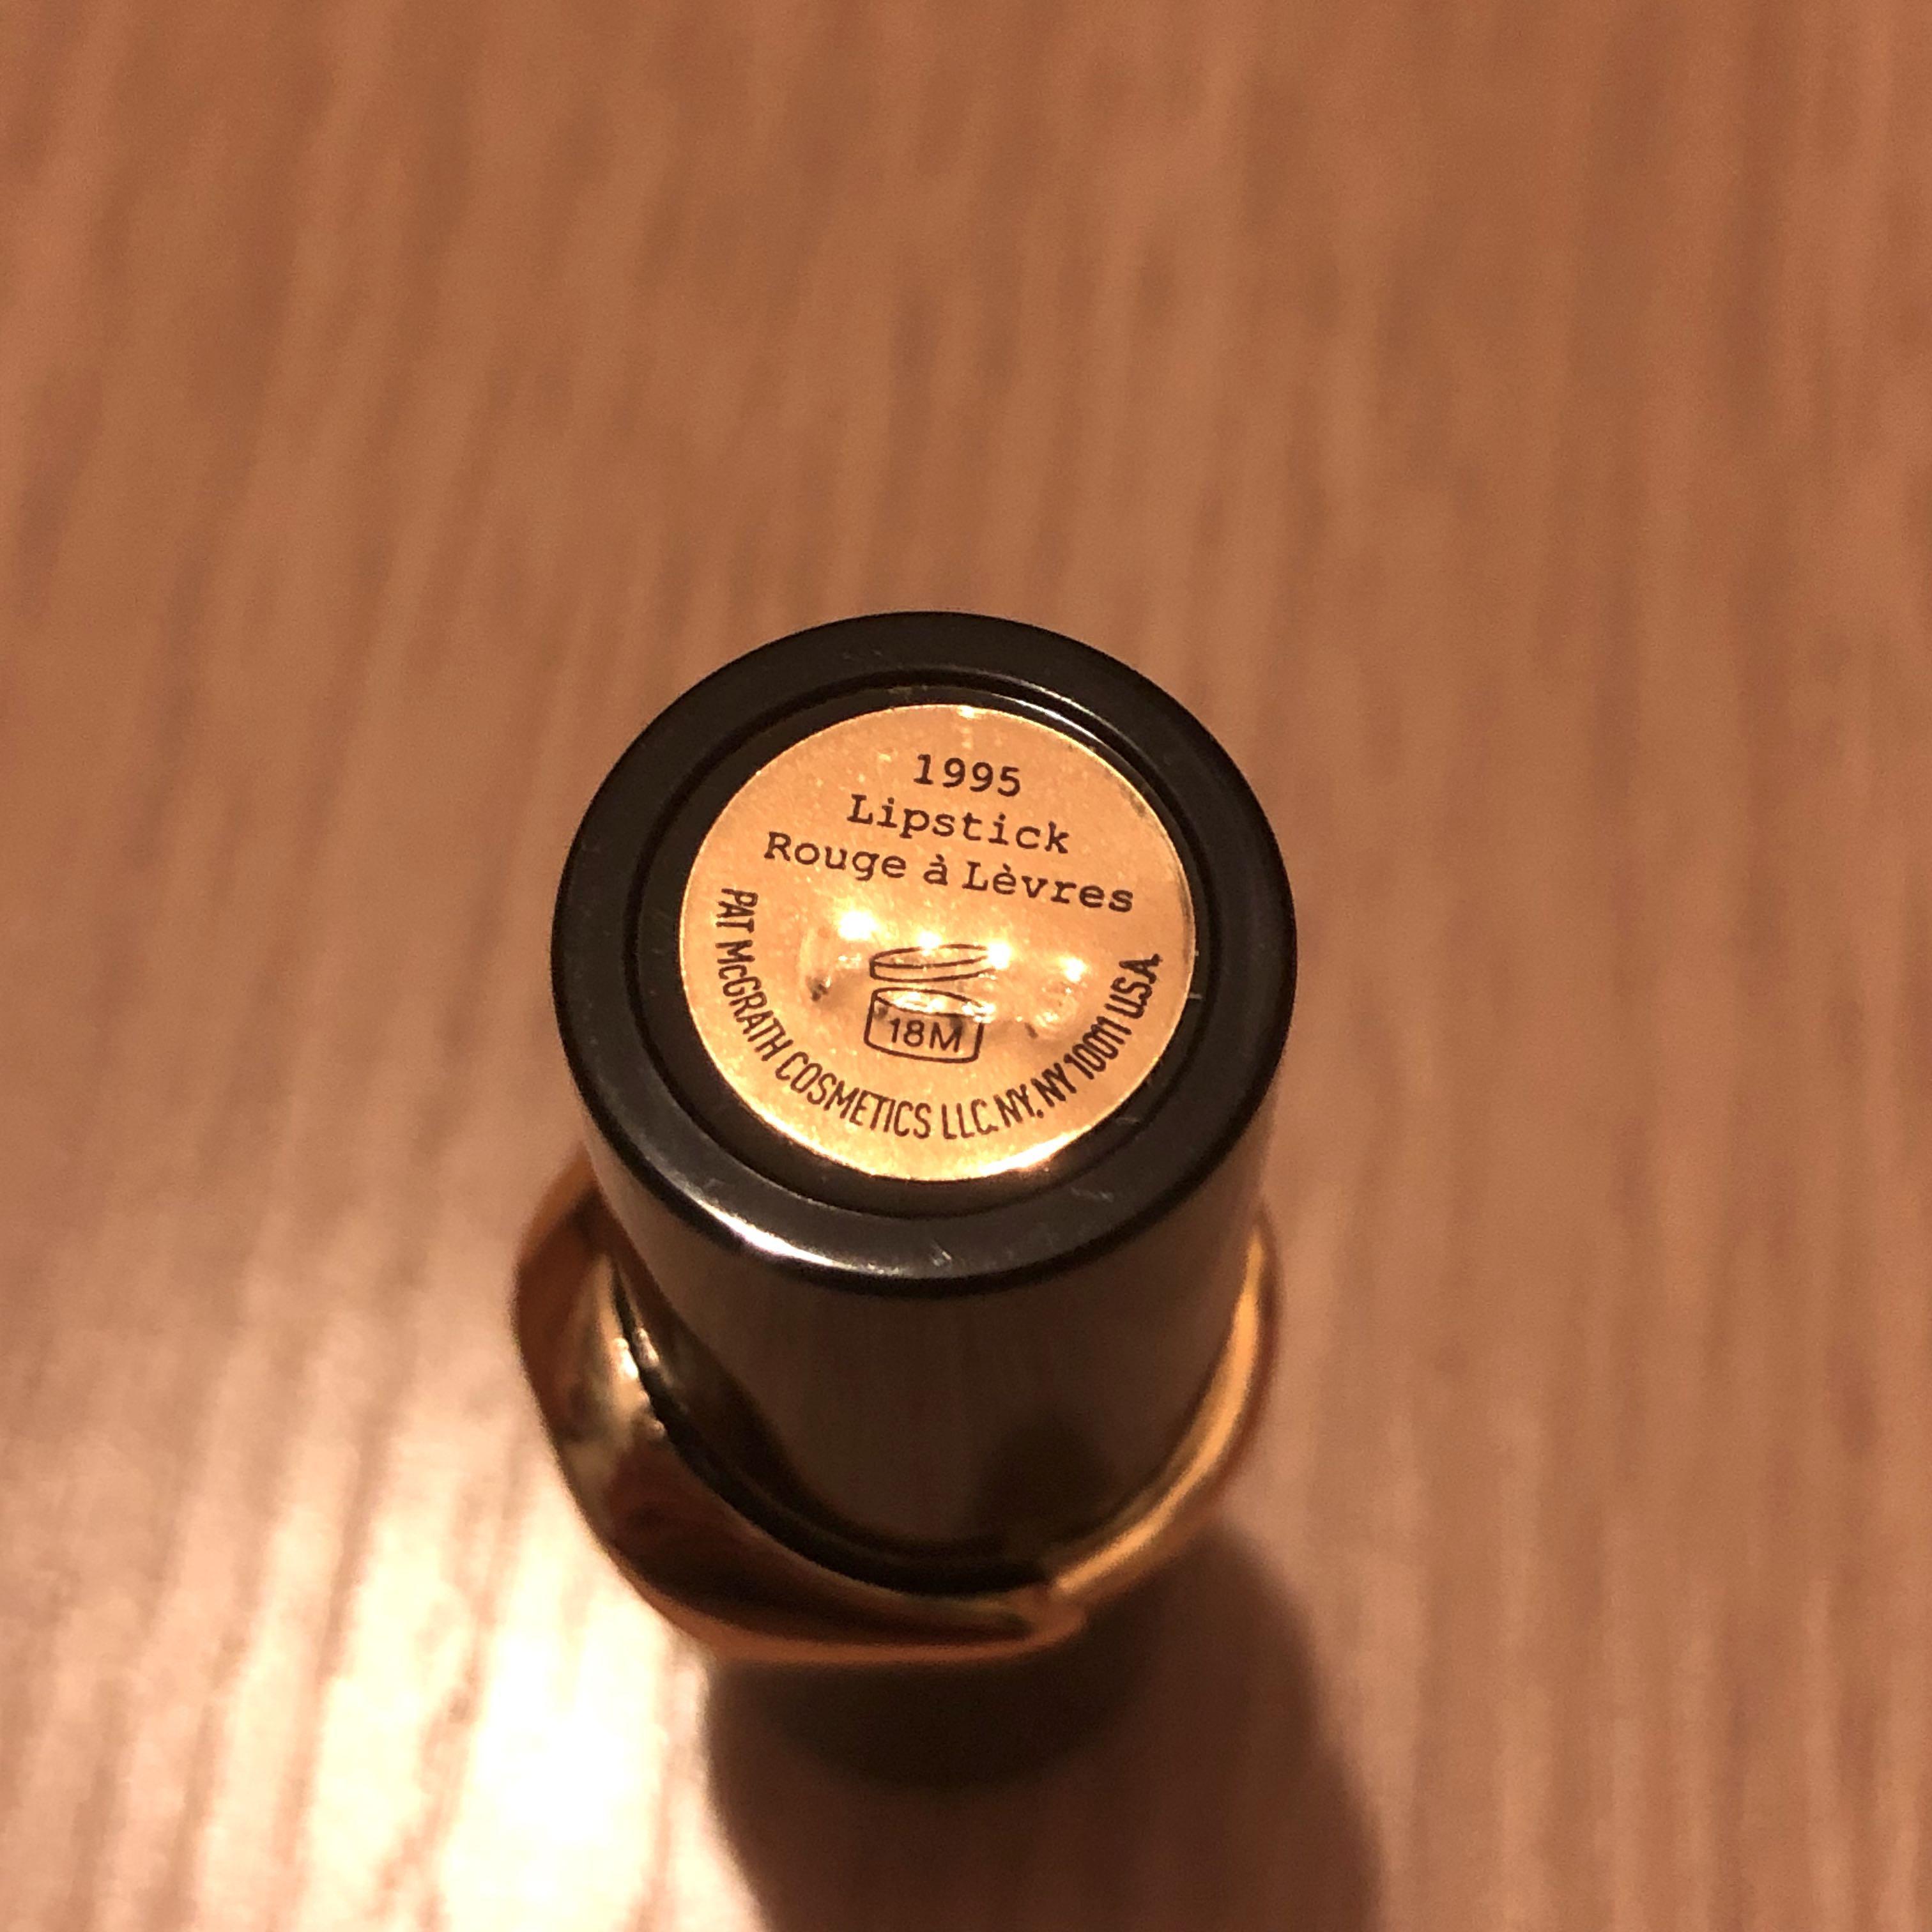 Pat mcgrath 1995 lipstick